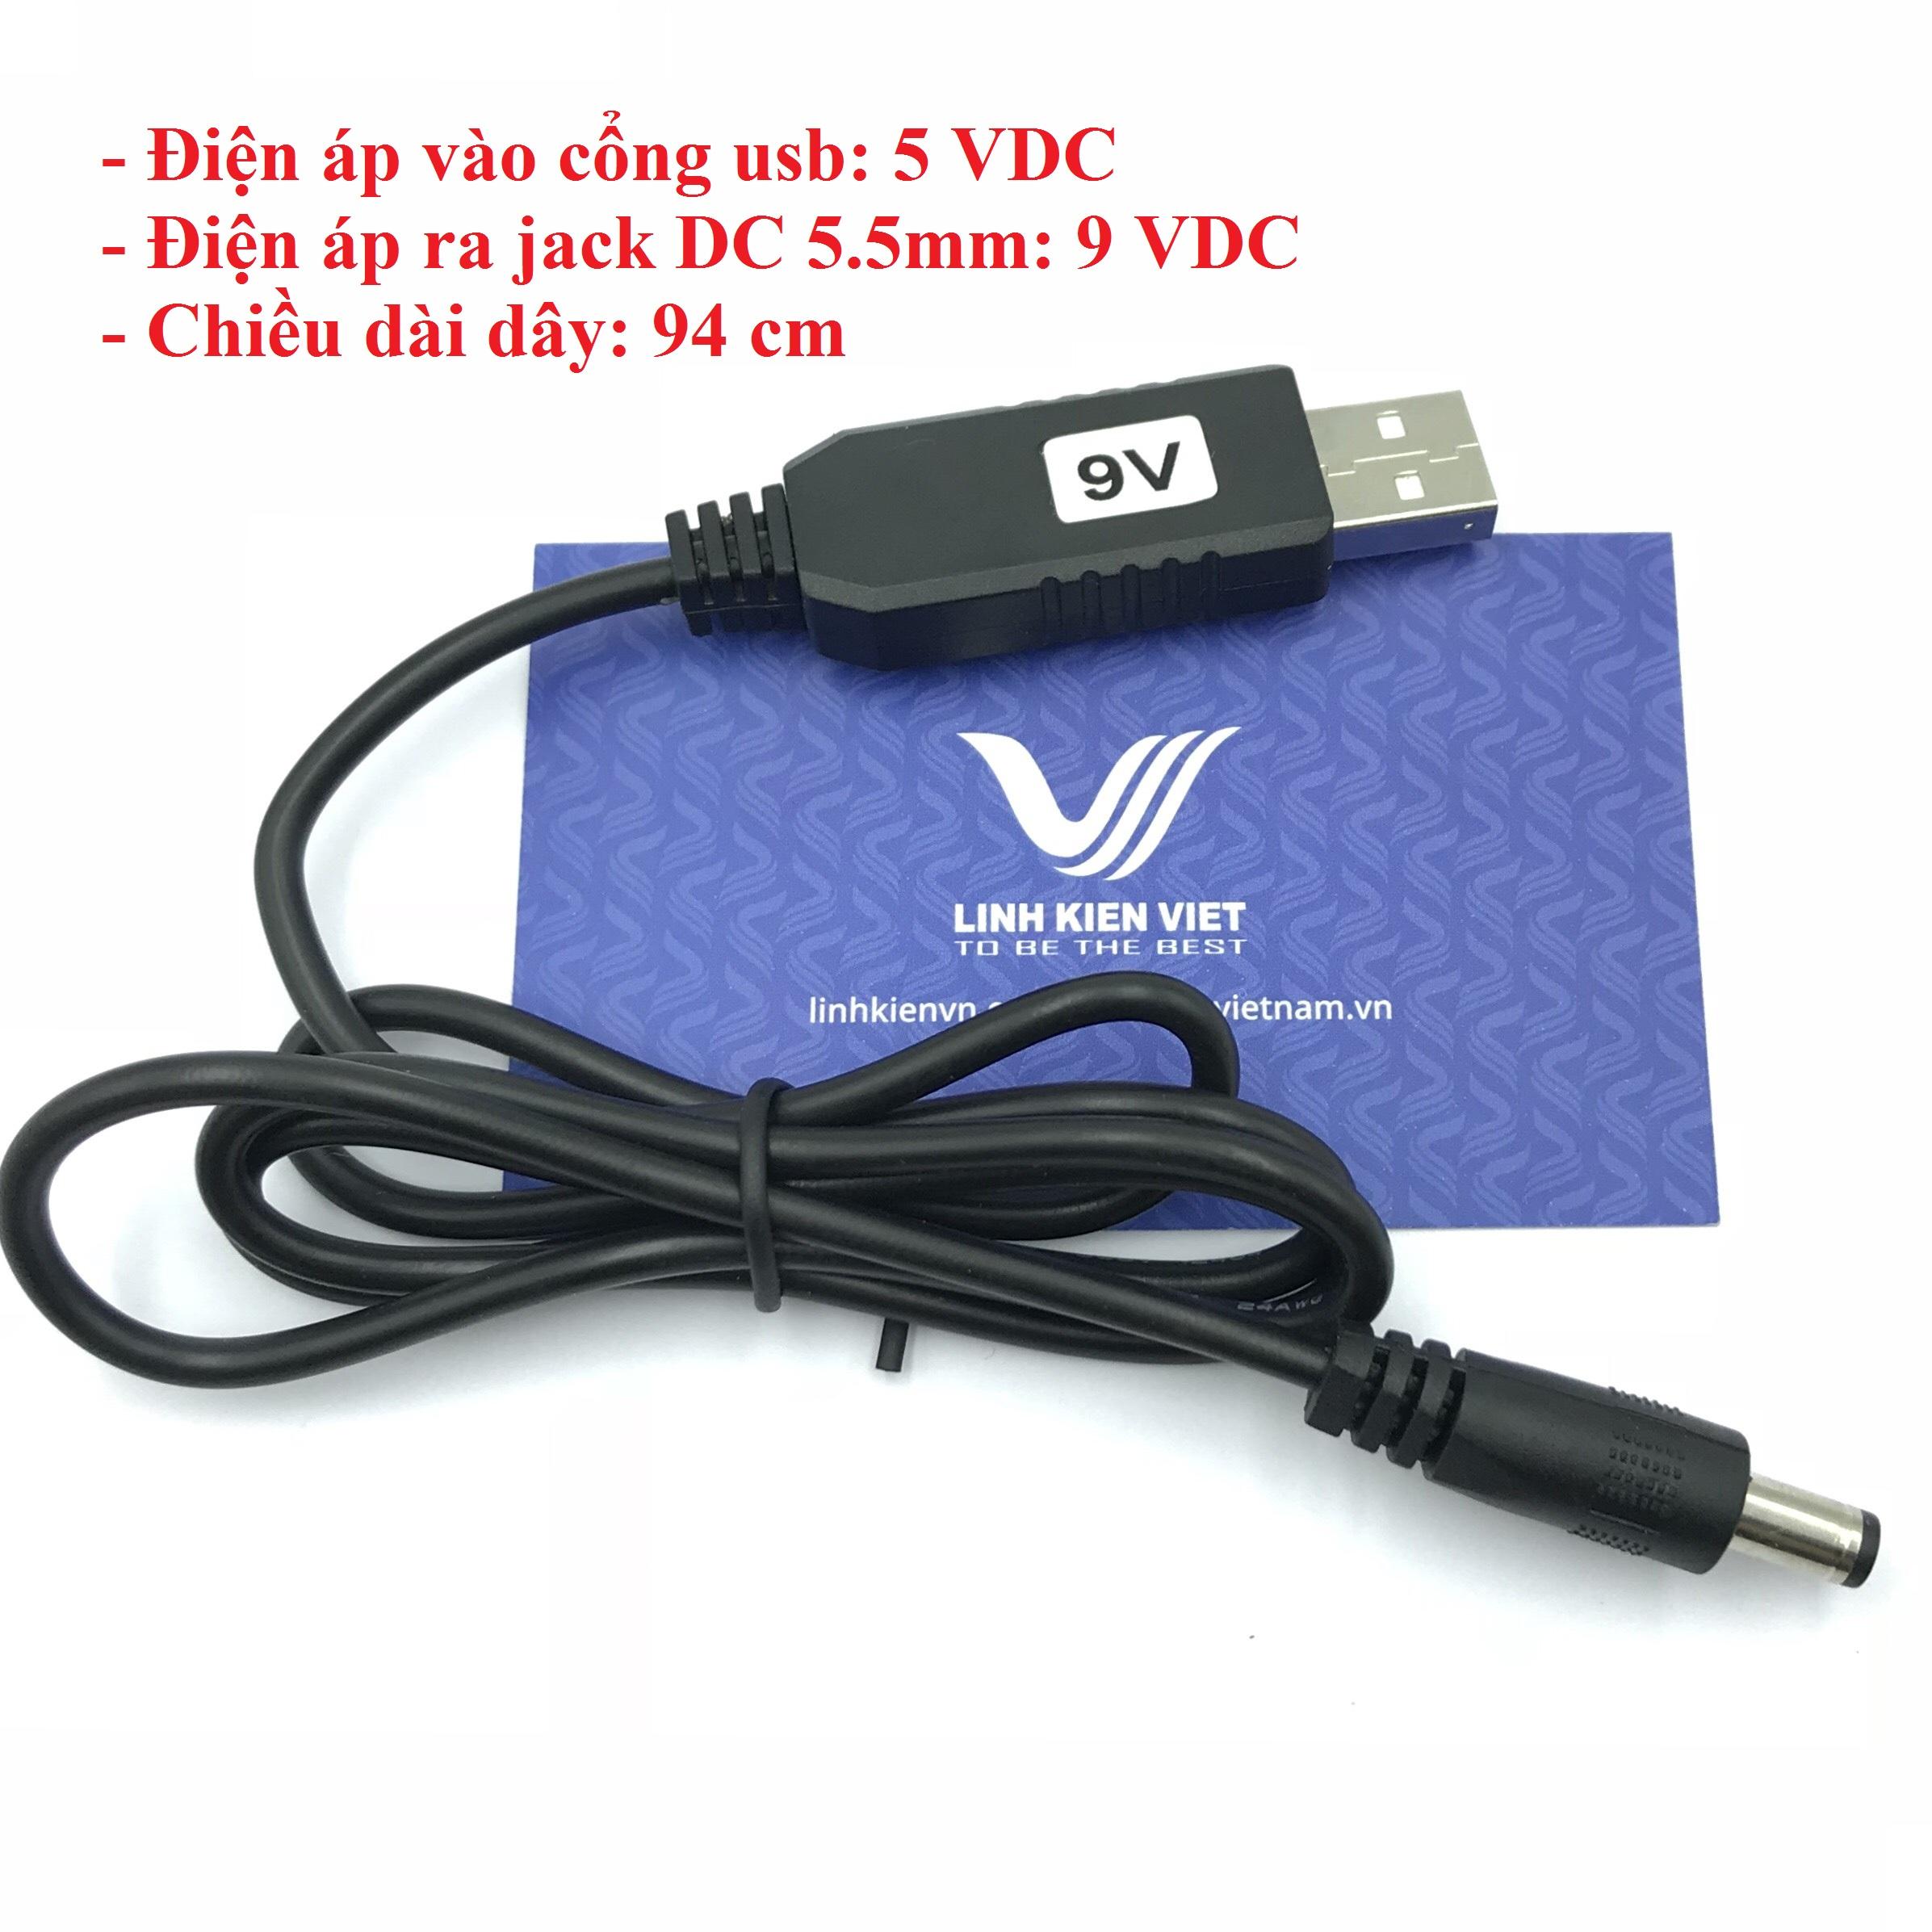 Dây nguồn USB tăng áp từ 5V lên 9V jack DC tròn 5.5mm - I2H7